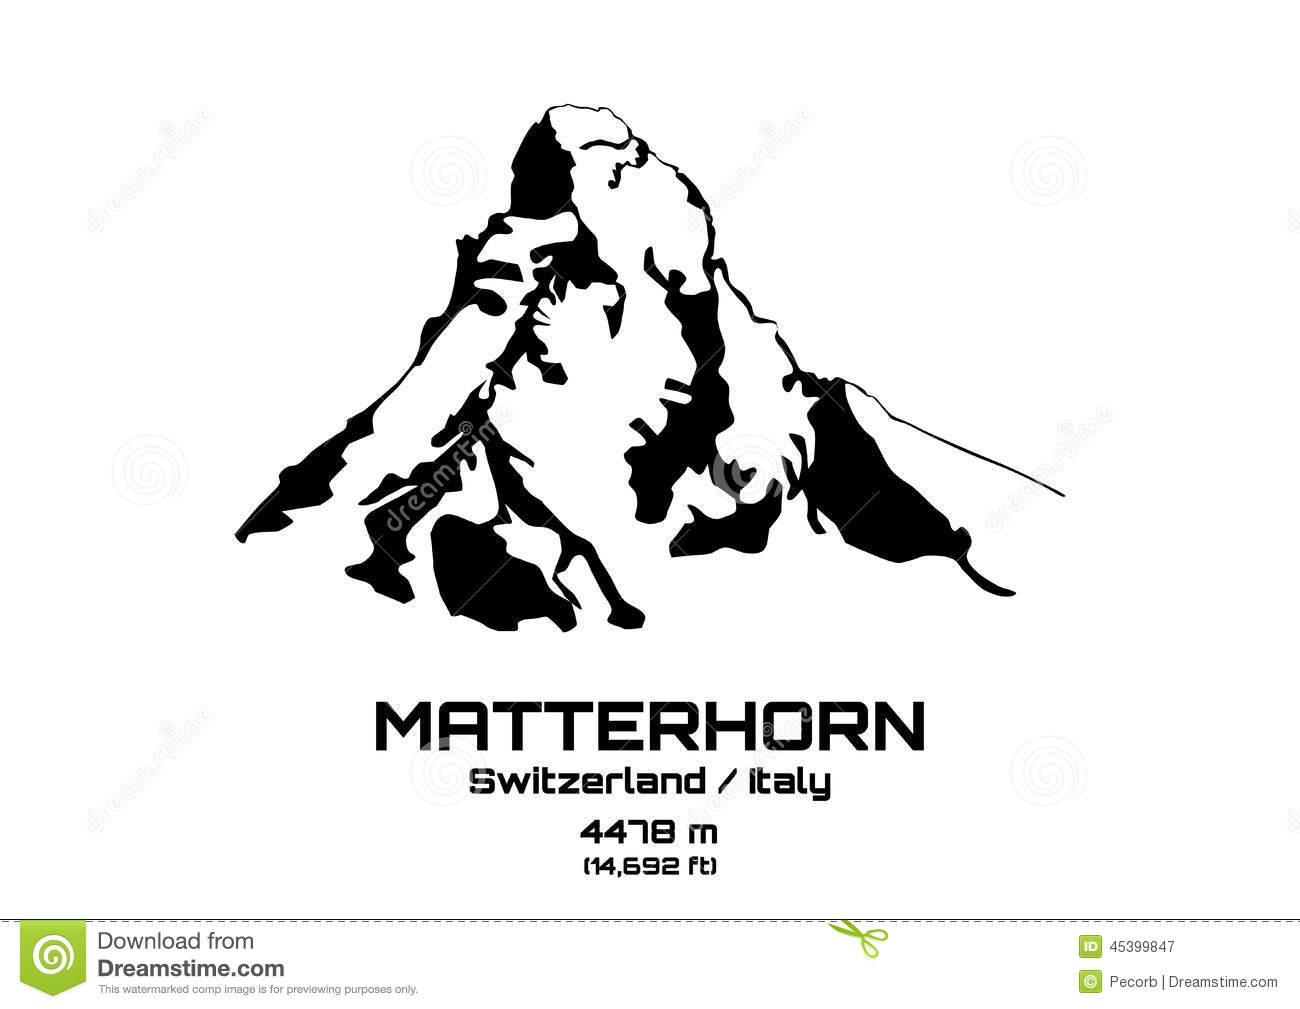 Matterhorn clipart #18, Download drawings